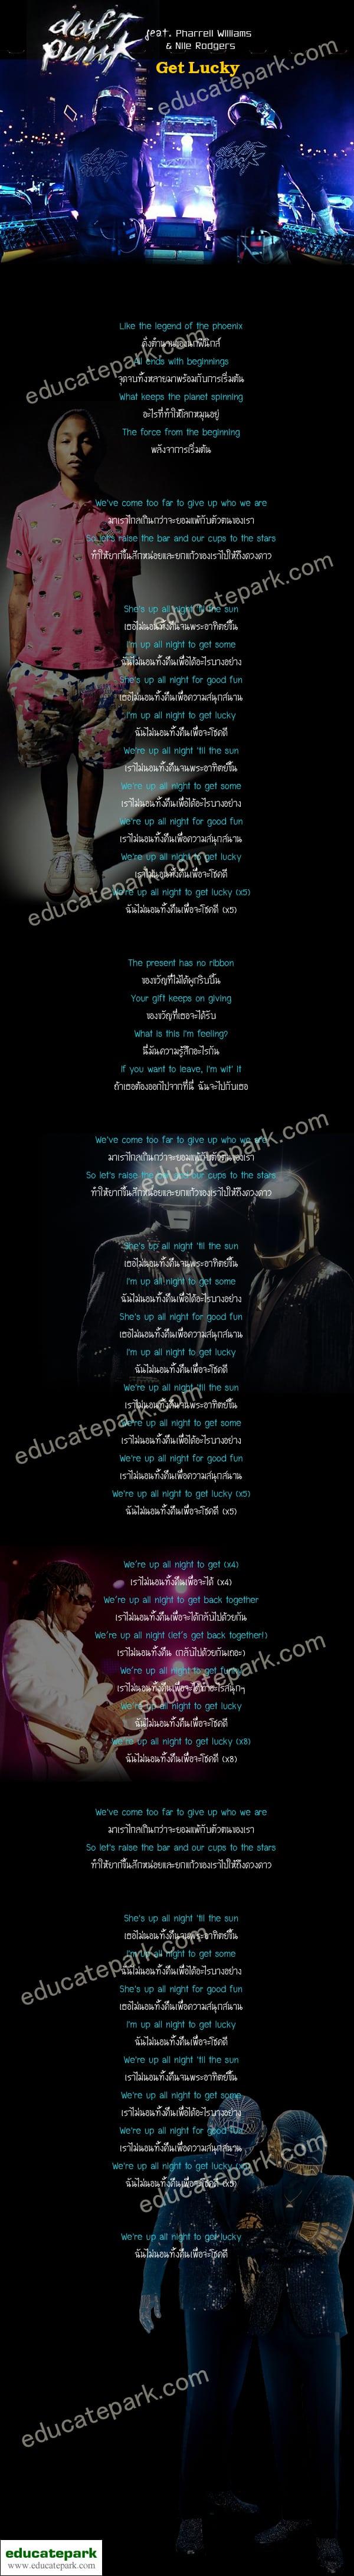 แปลเพลง Get Lucky - Daft Punk ft. Pharrell Williams